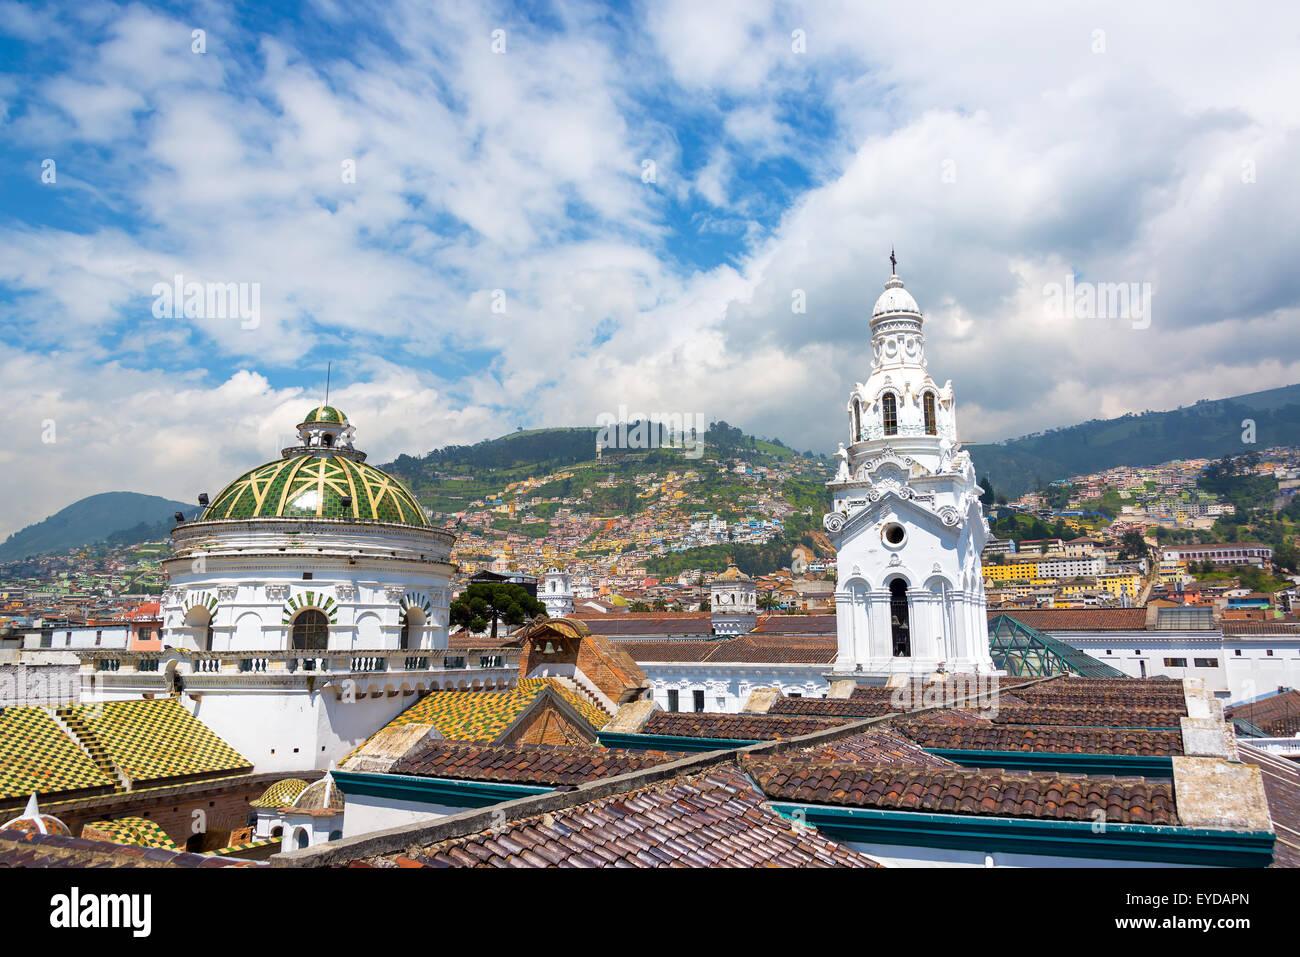 Catedral con colinas pobladas visibles en el fondo en el centro histórico colonial de Quito, Ecuador Imagen De Stock